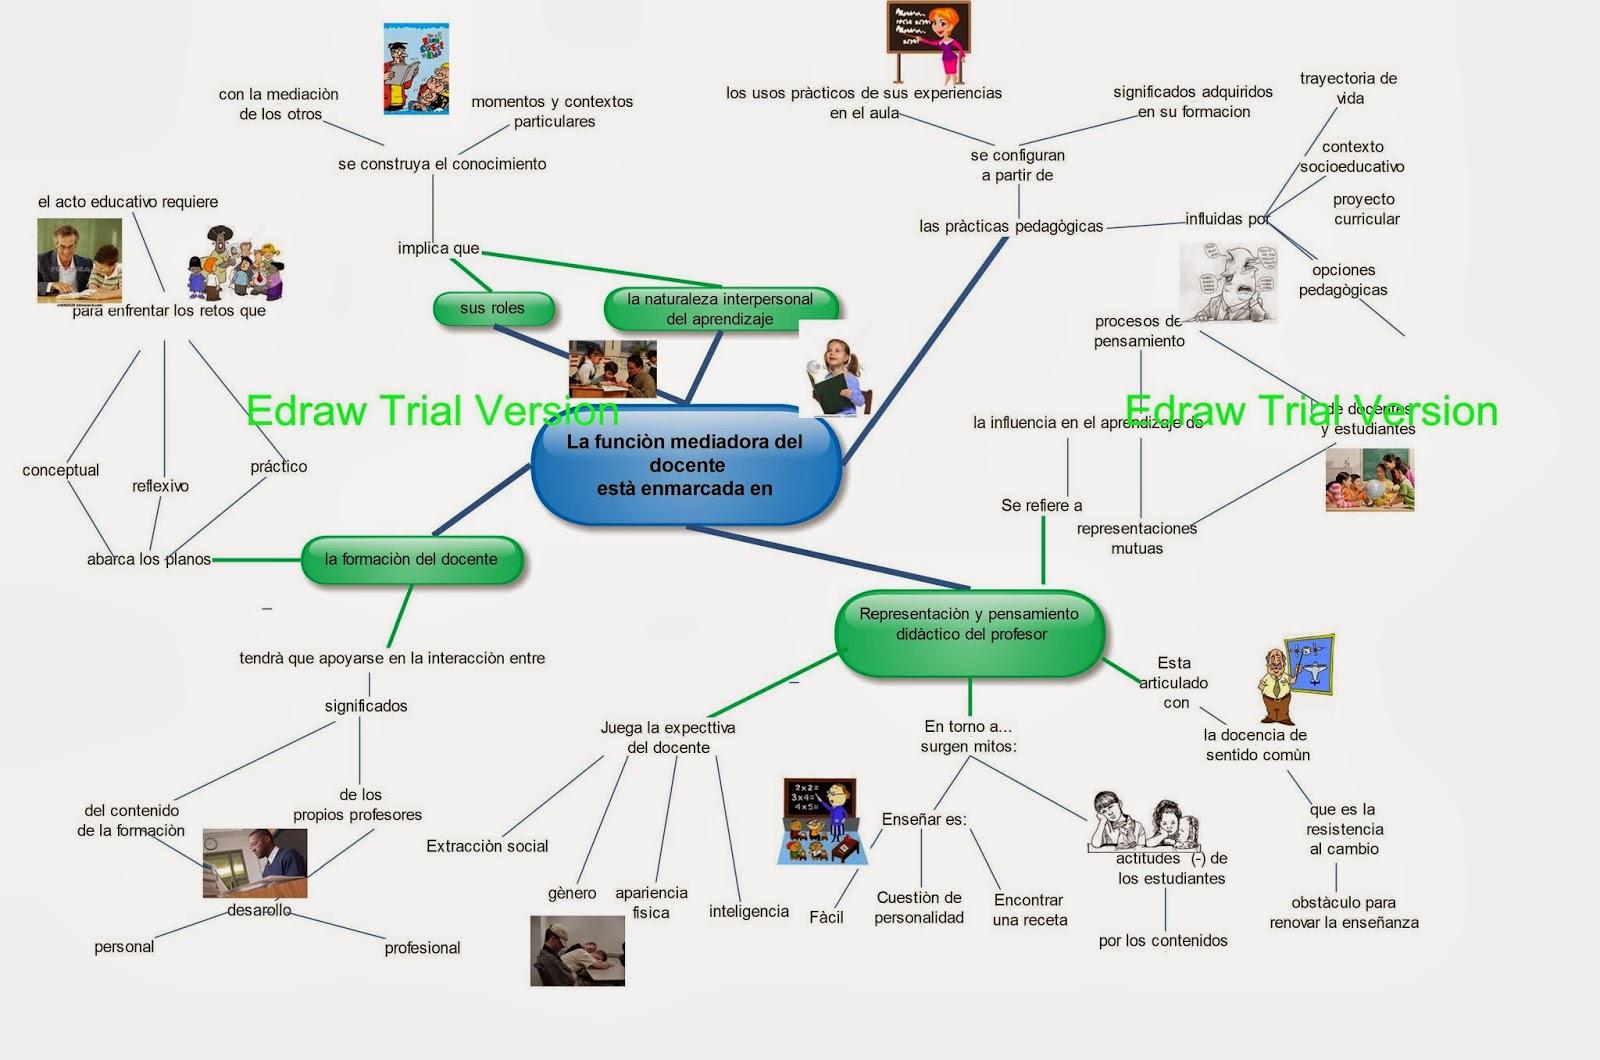 Roles y funciones de los actores del proceso educativo